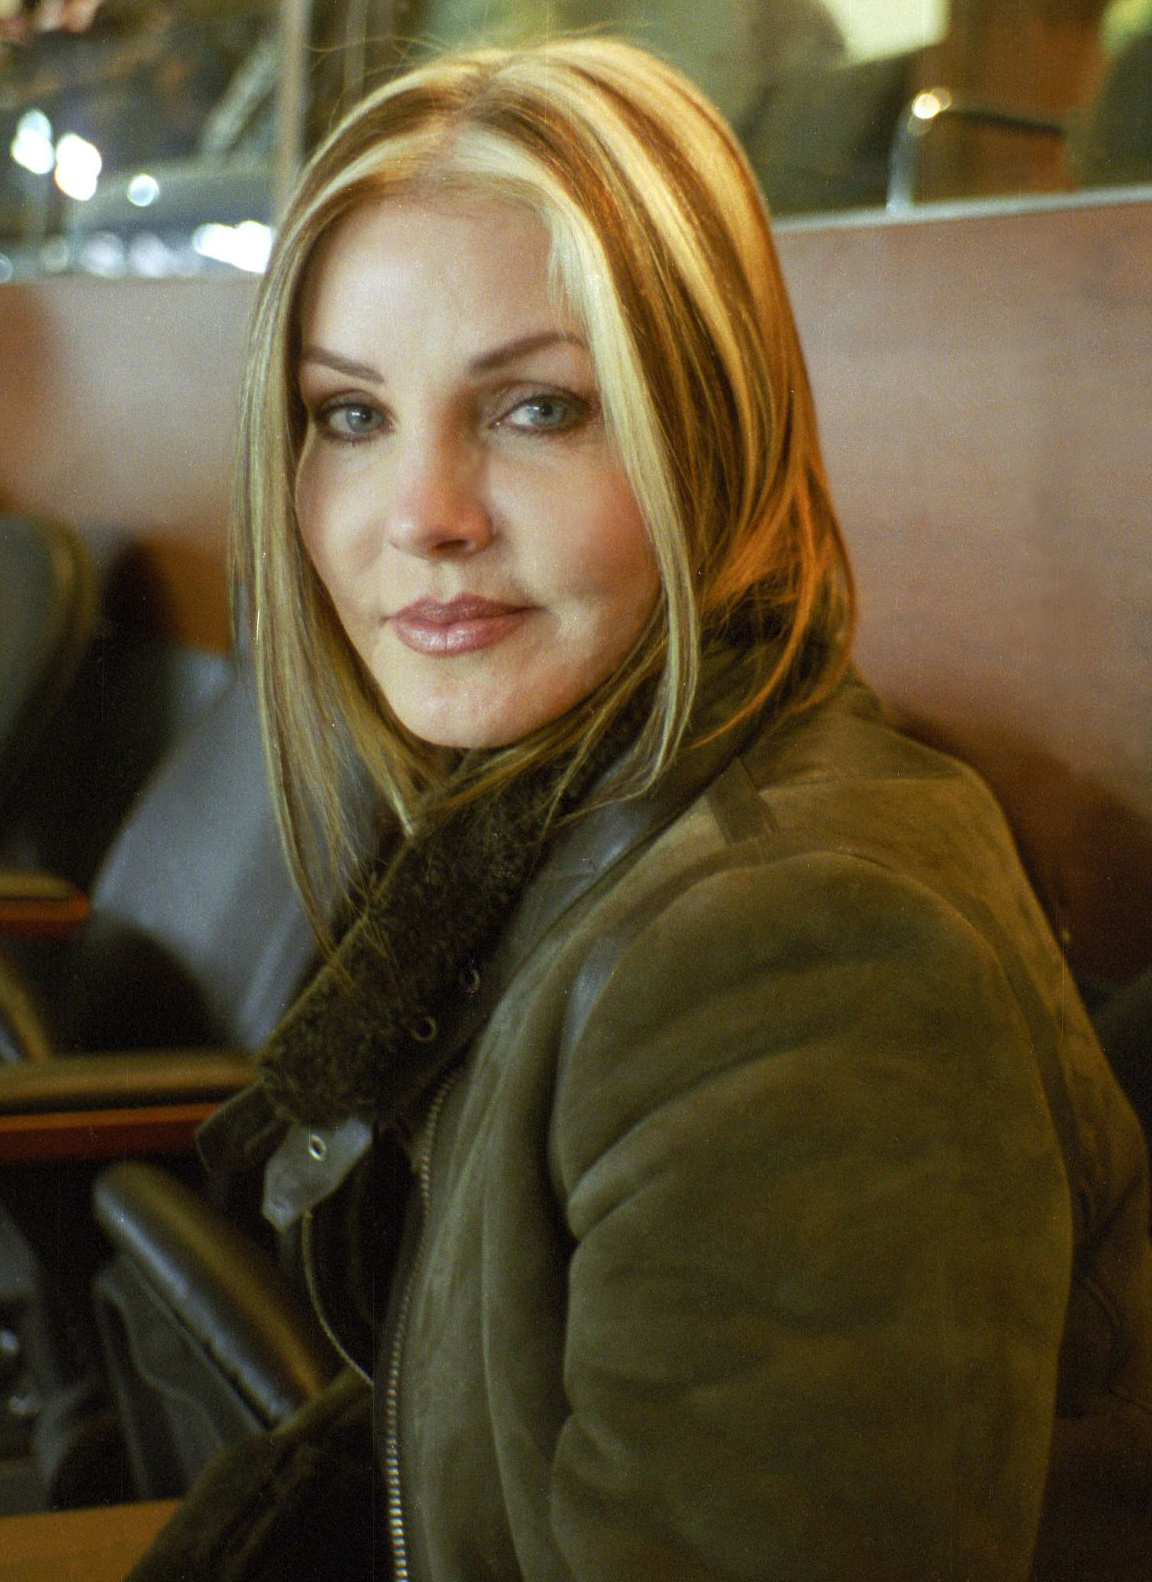 Priscilla Presley